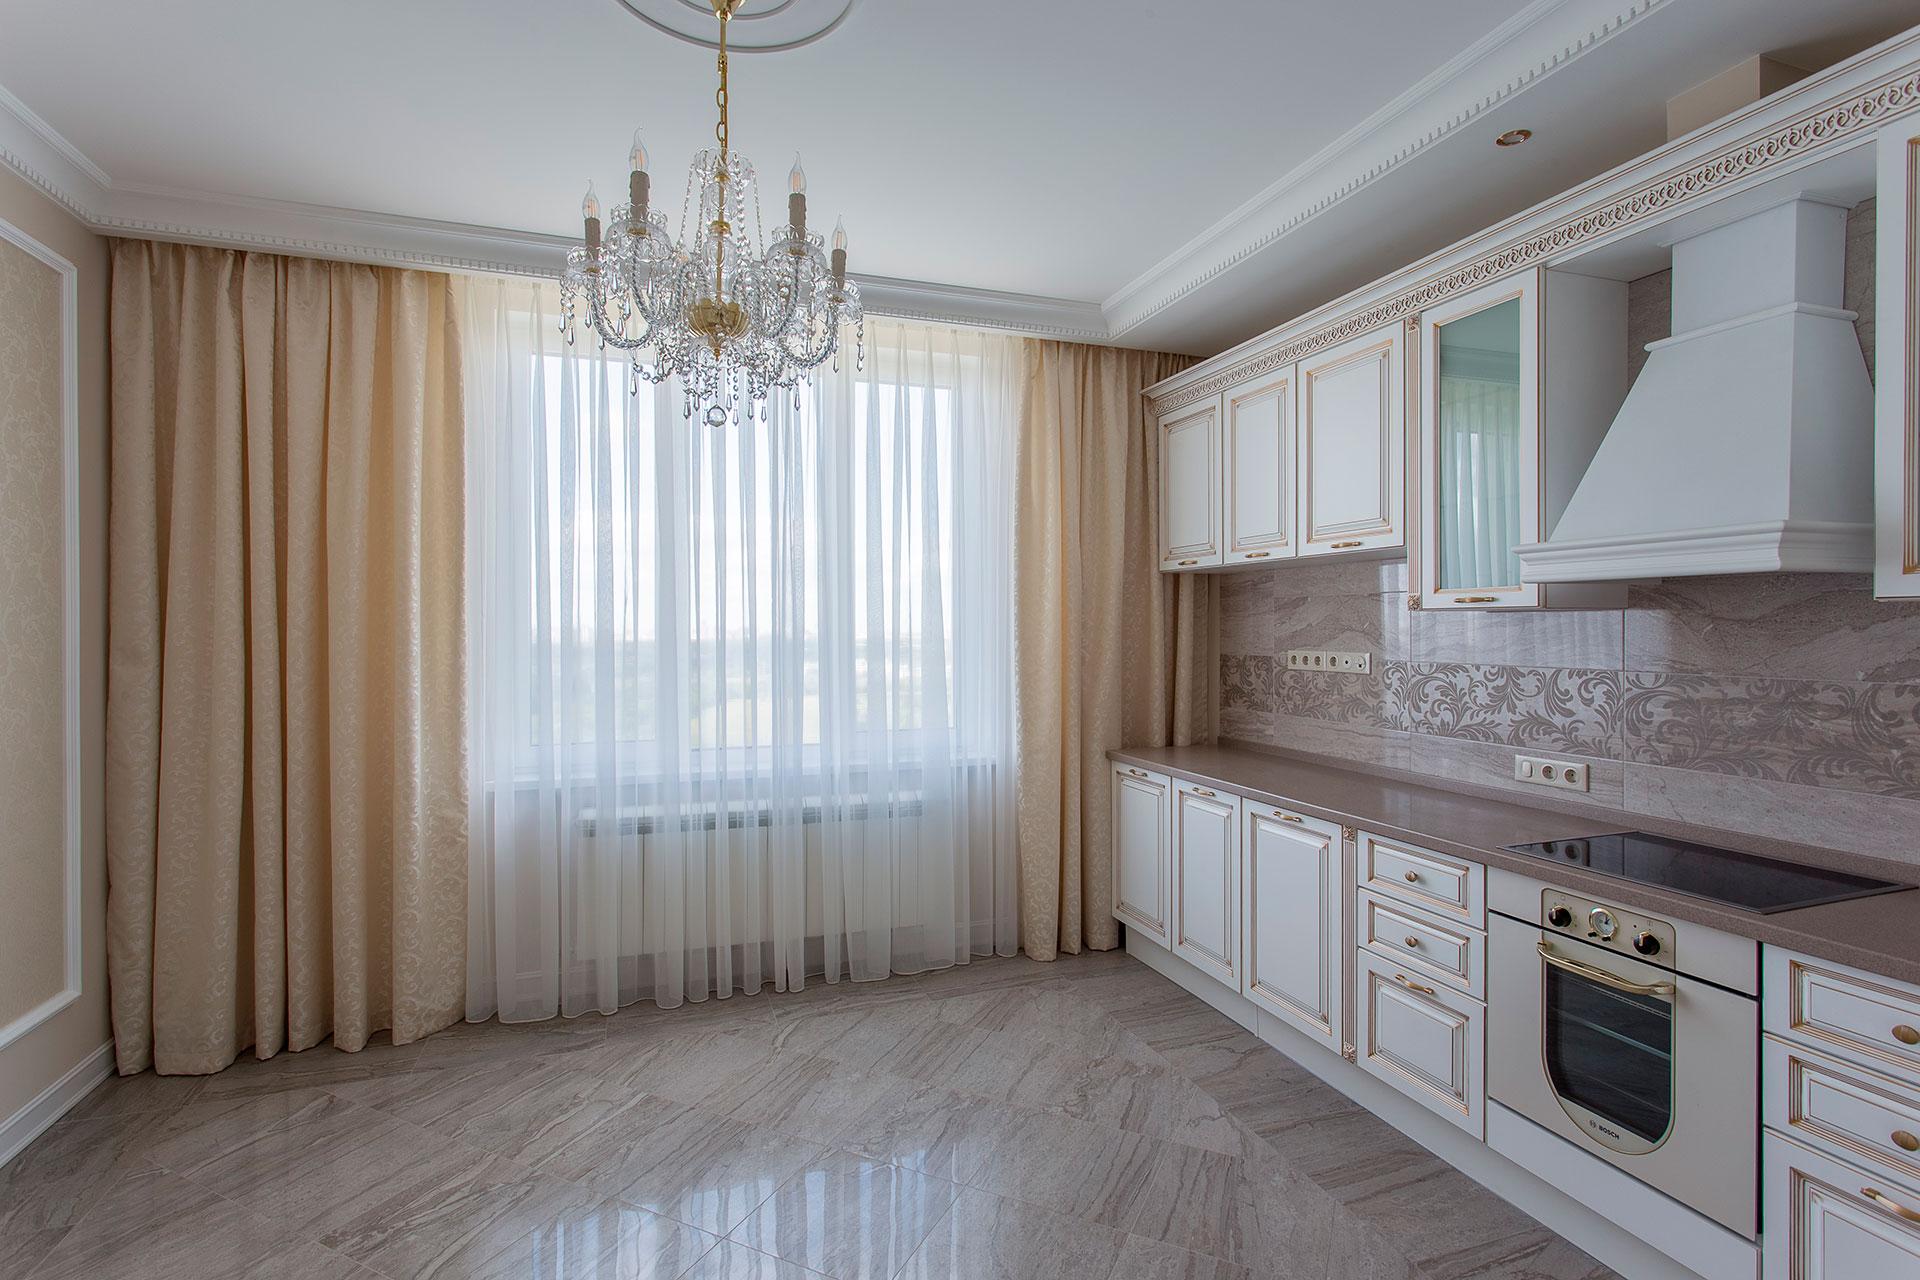 Ремонт двухкомнатной квартиры в ЖК Мосфильмовский